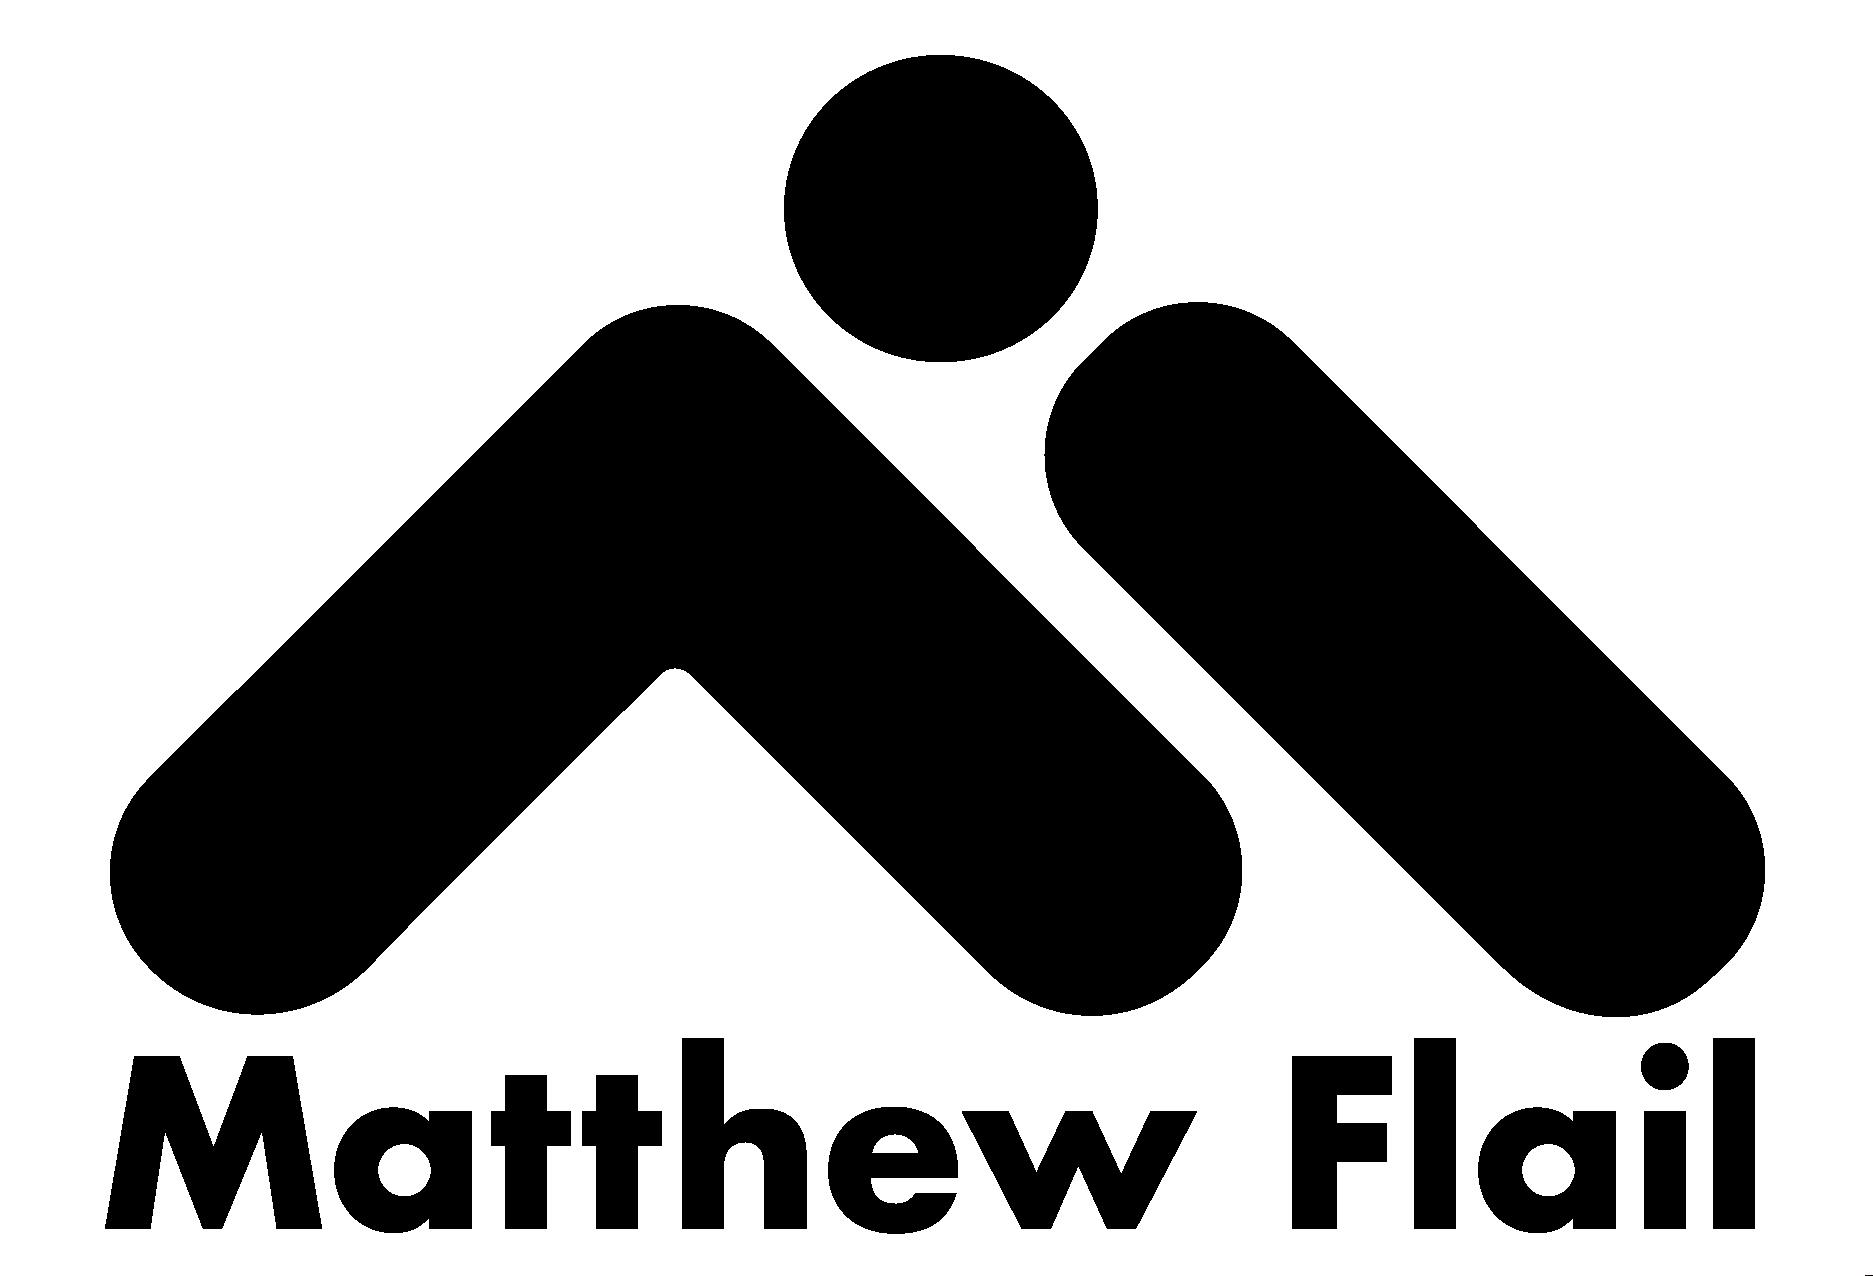 Matthew Flail